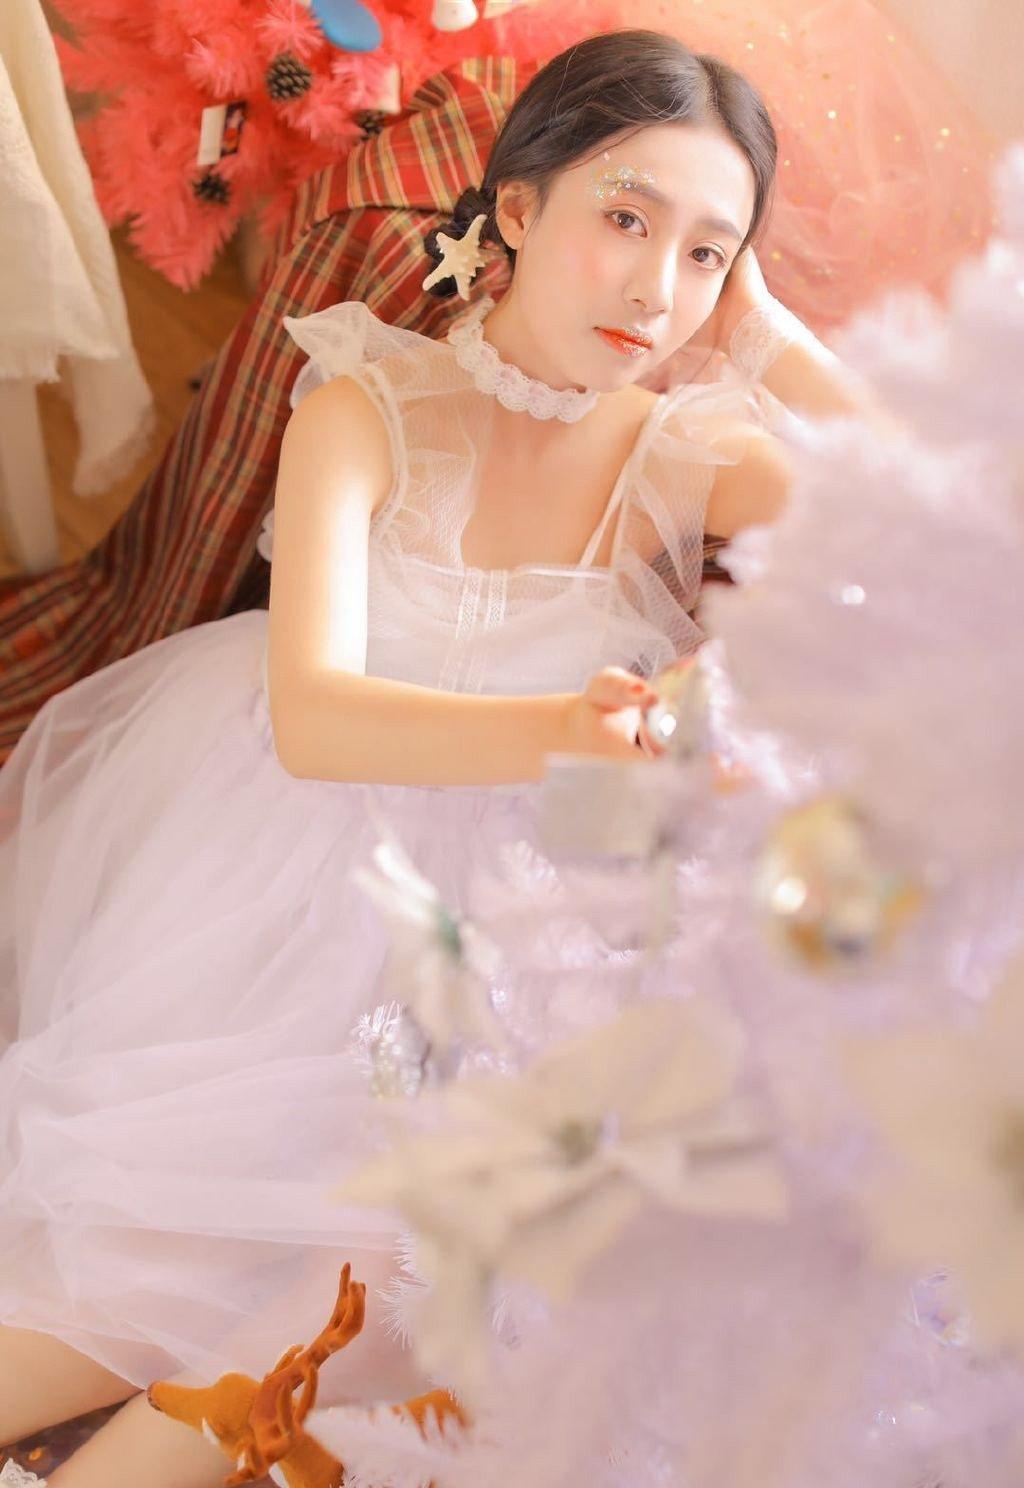 梦幻少女蕾丝白纱美女私房性感写真